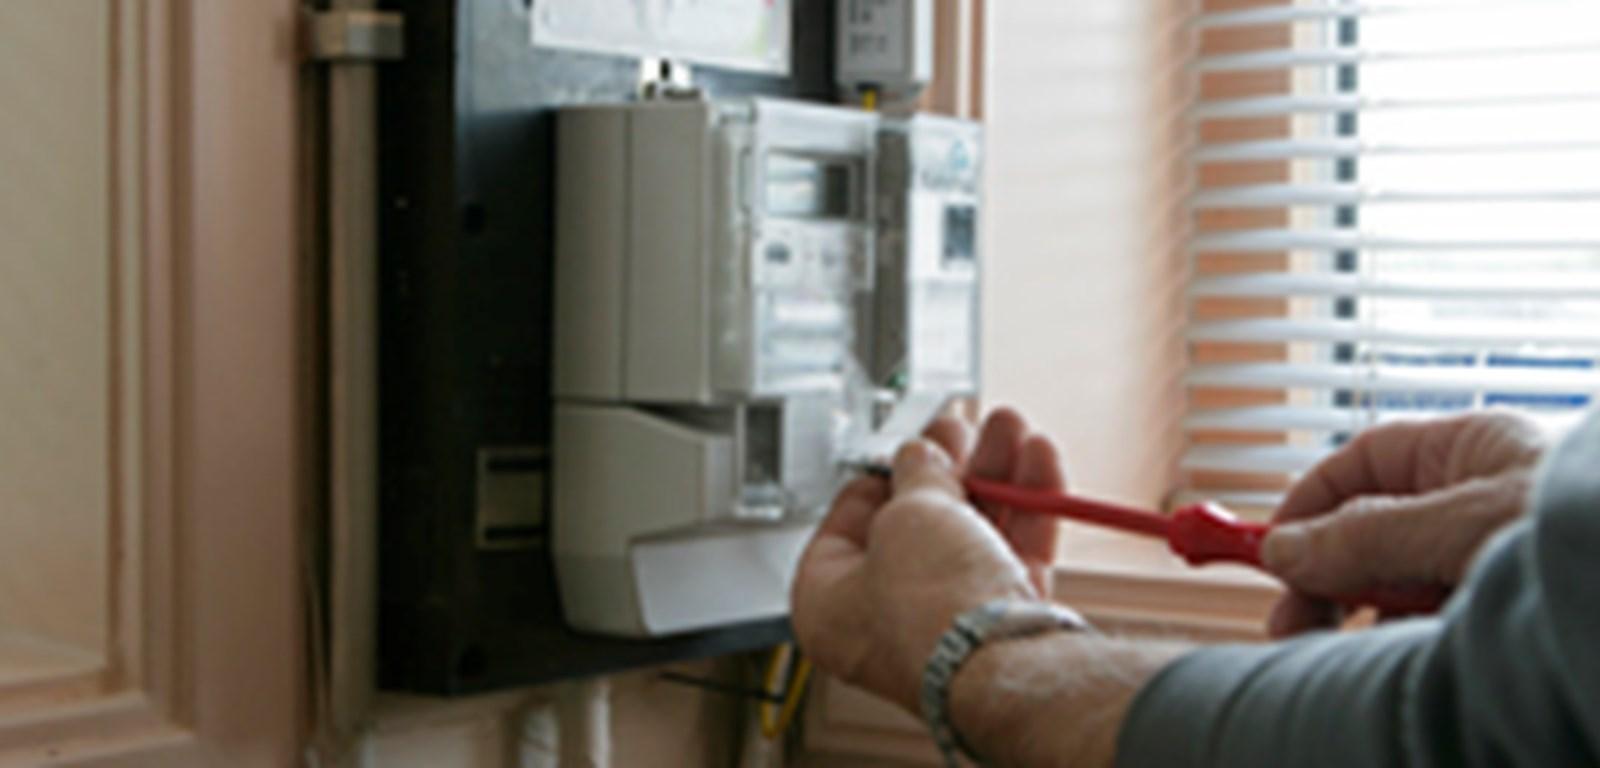 Slimme energiemeter hangt in 73% huishoudens